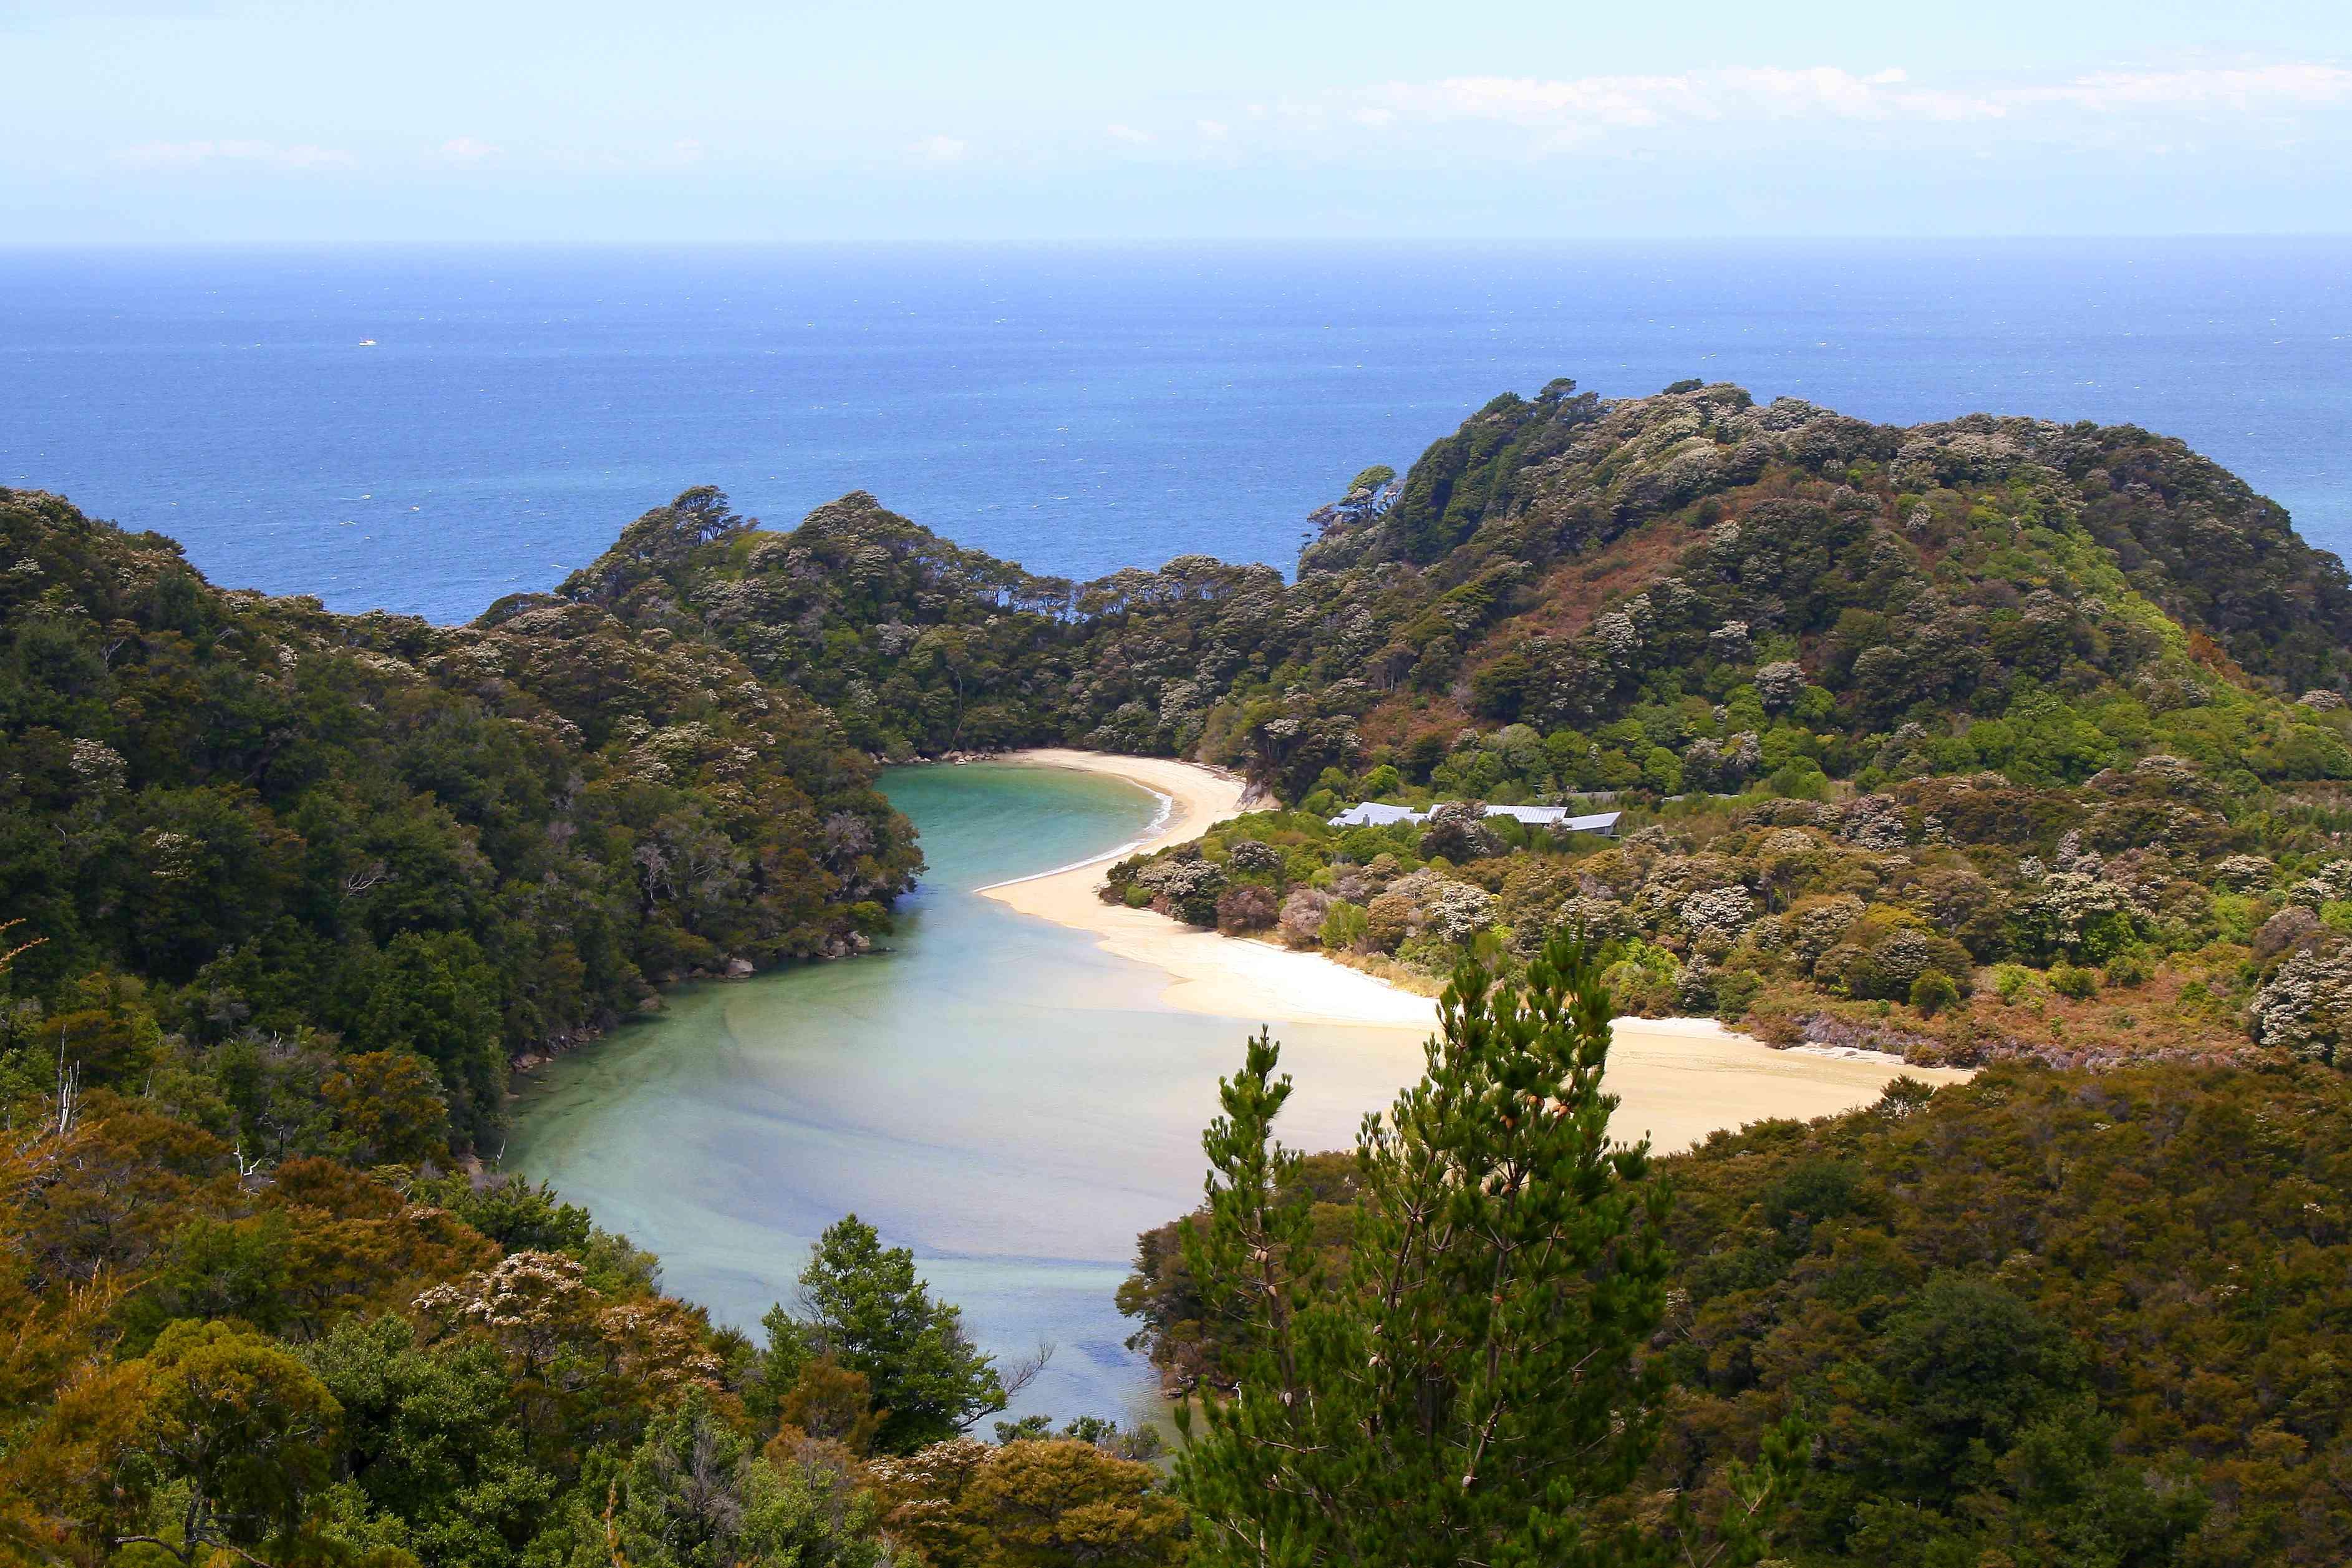 Vista aérea del idílico paisaje de la bahía de Abel Tasman, Tasman y Golden Bay desde arriba , Panorama del sur de Nueva Zelanda